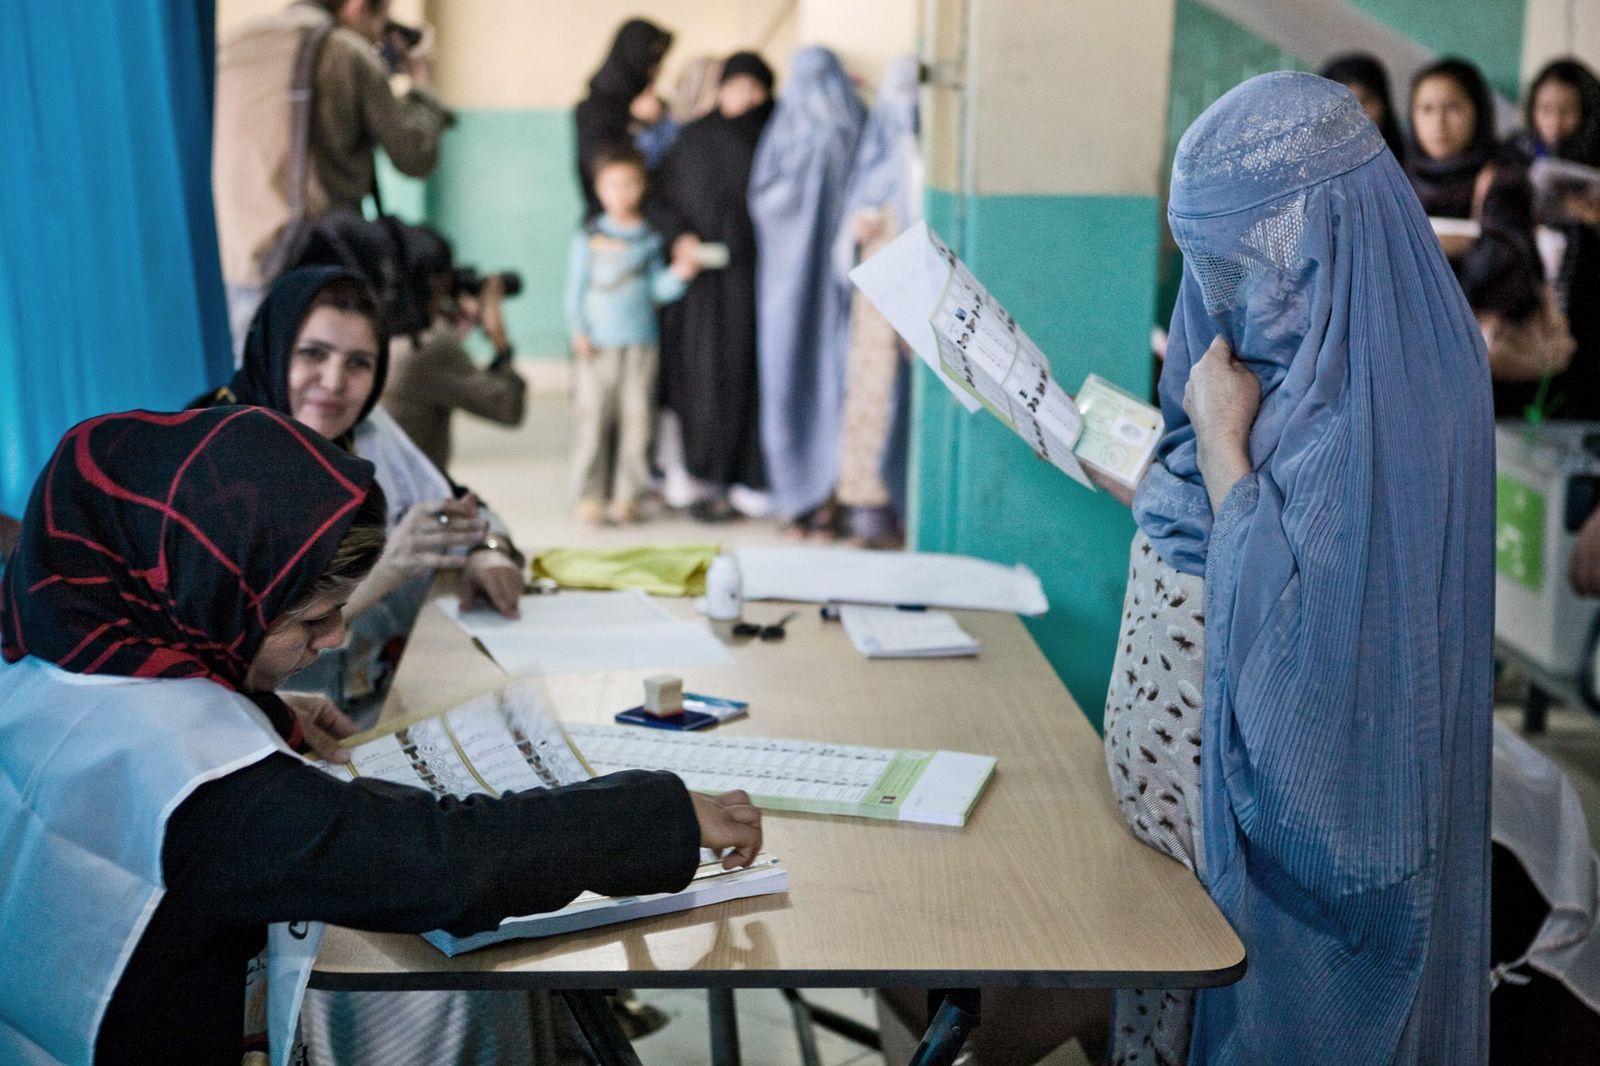 Präsidentschaftswahl in Afghanistan - Frauen im Wahllokal